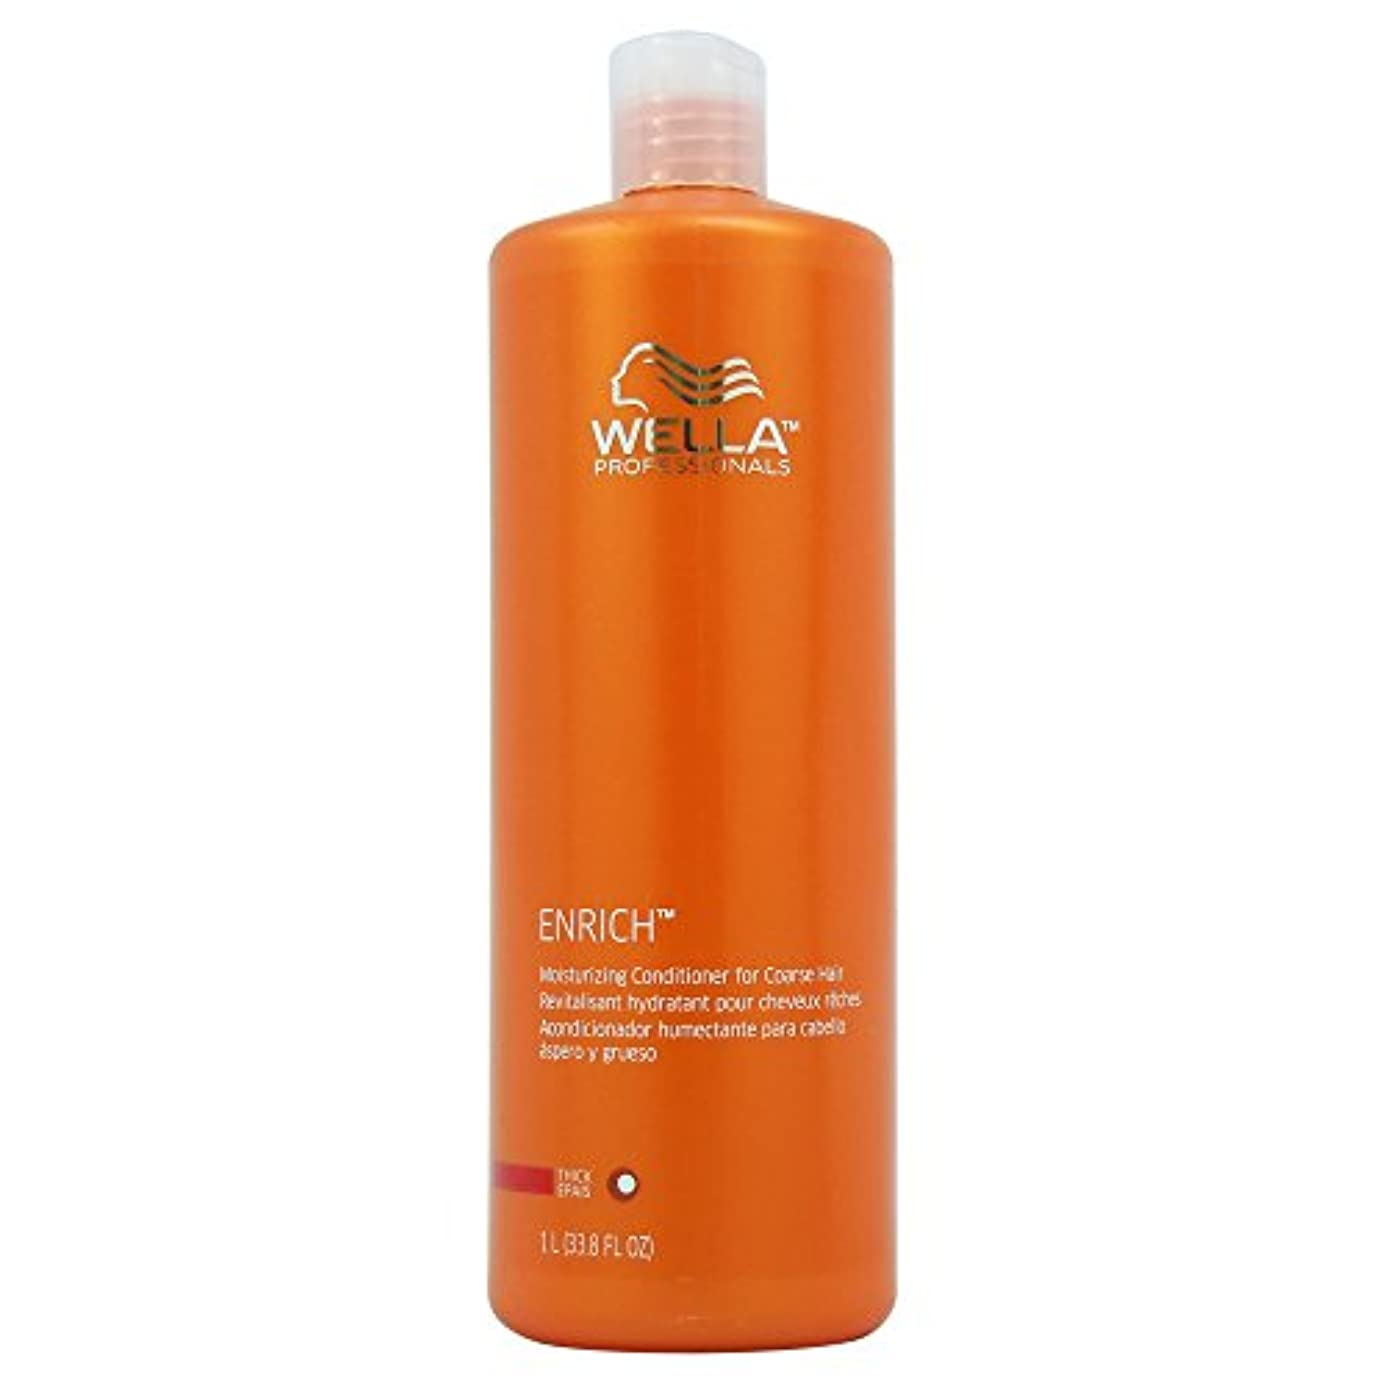 耐久虐待手荷物Wella Enriched Moisturizing Conditioner for Coarse Hair for Unisex, 33.8 Ounce by Wella